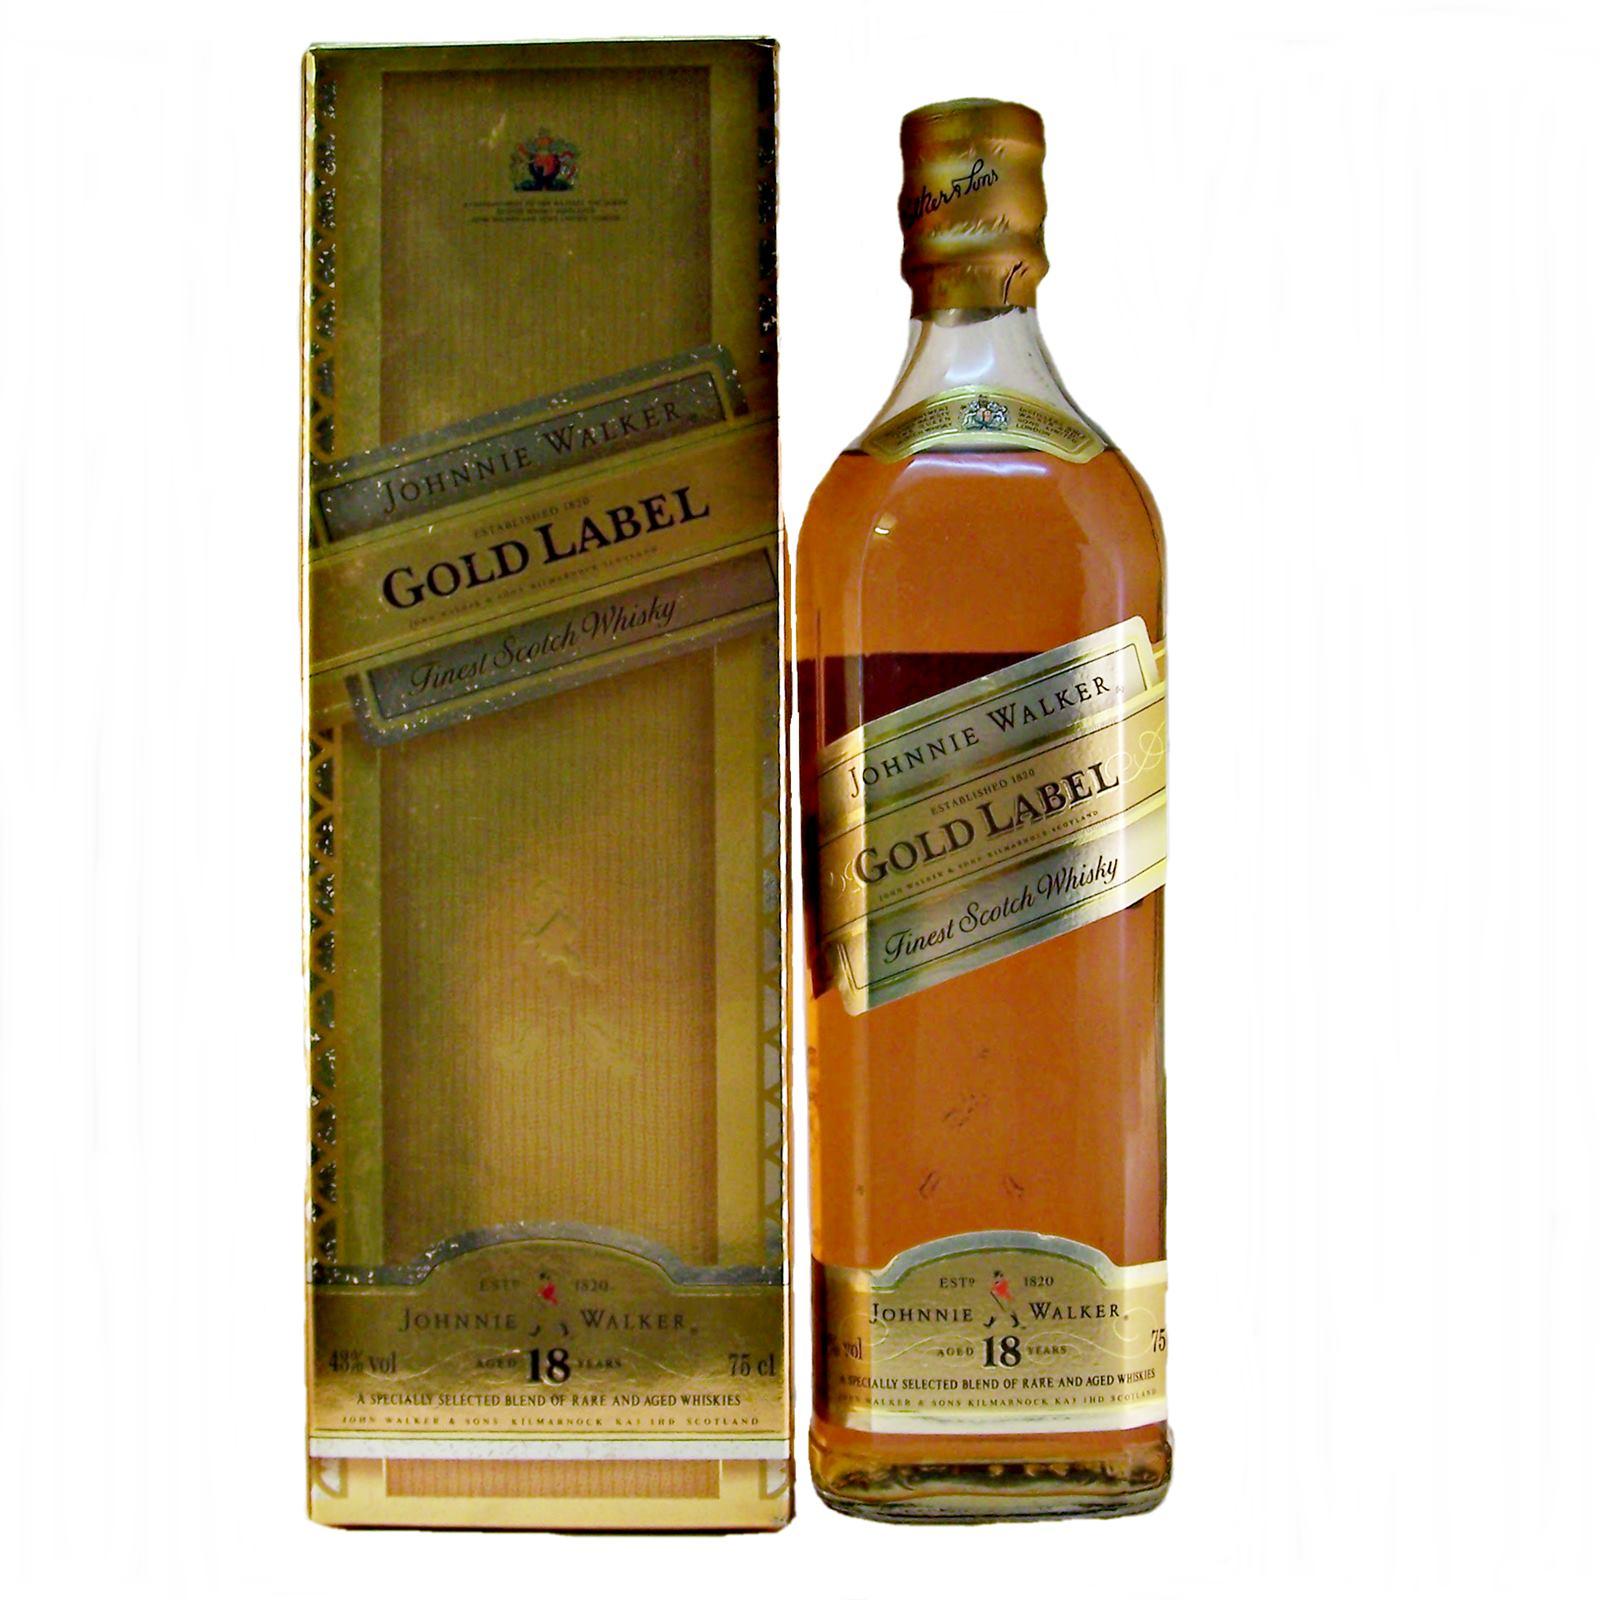 Johnnie Walker Gold Label Blended Scotch Whisky